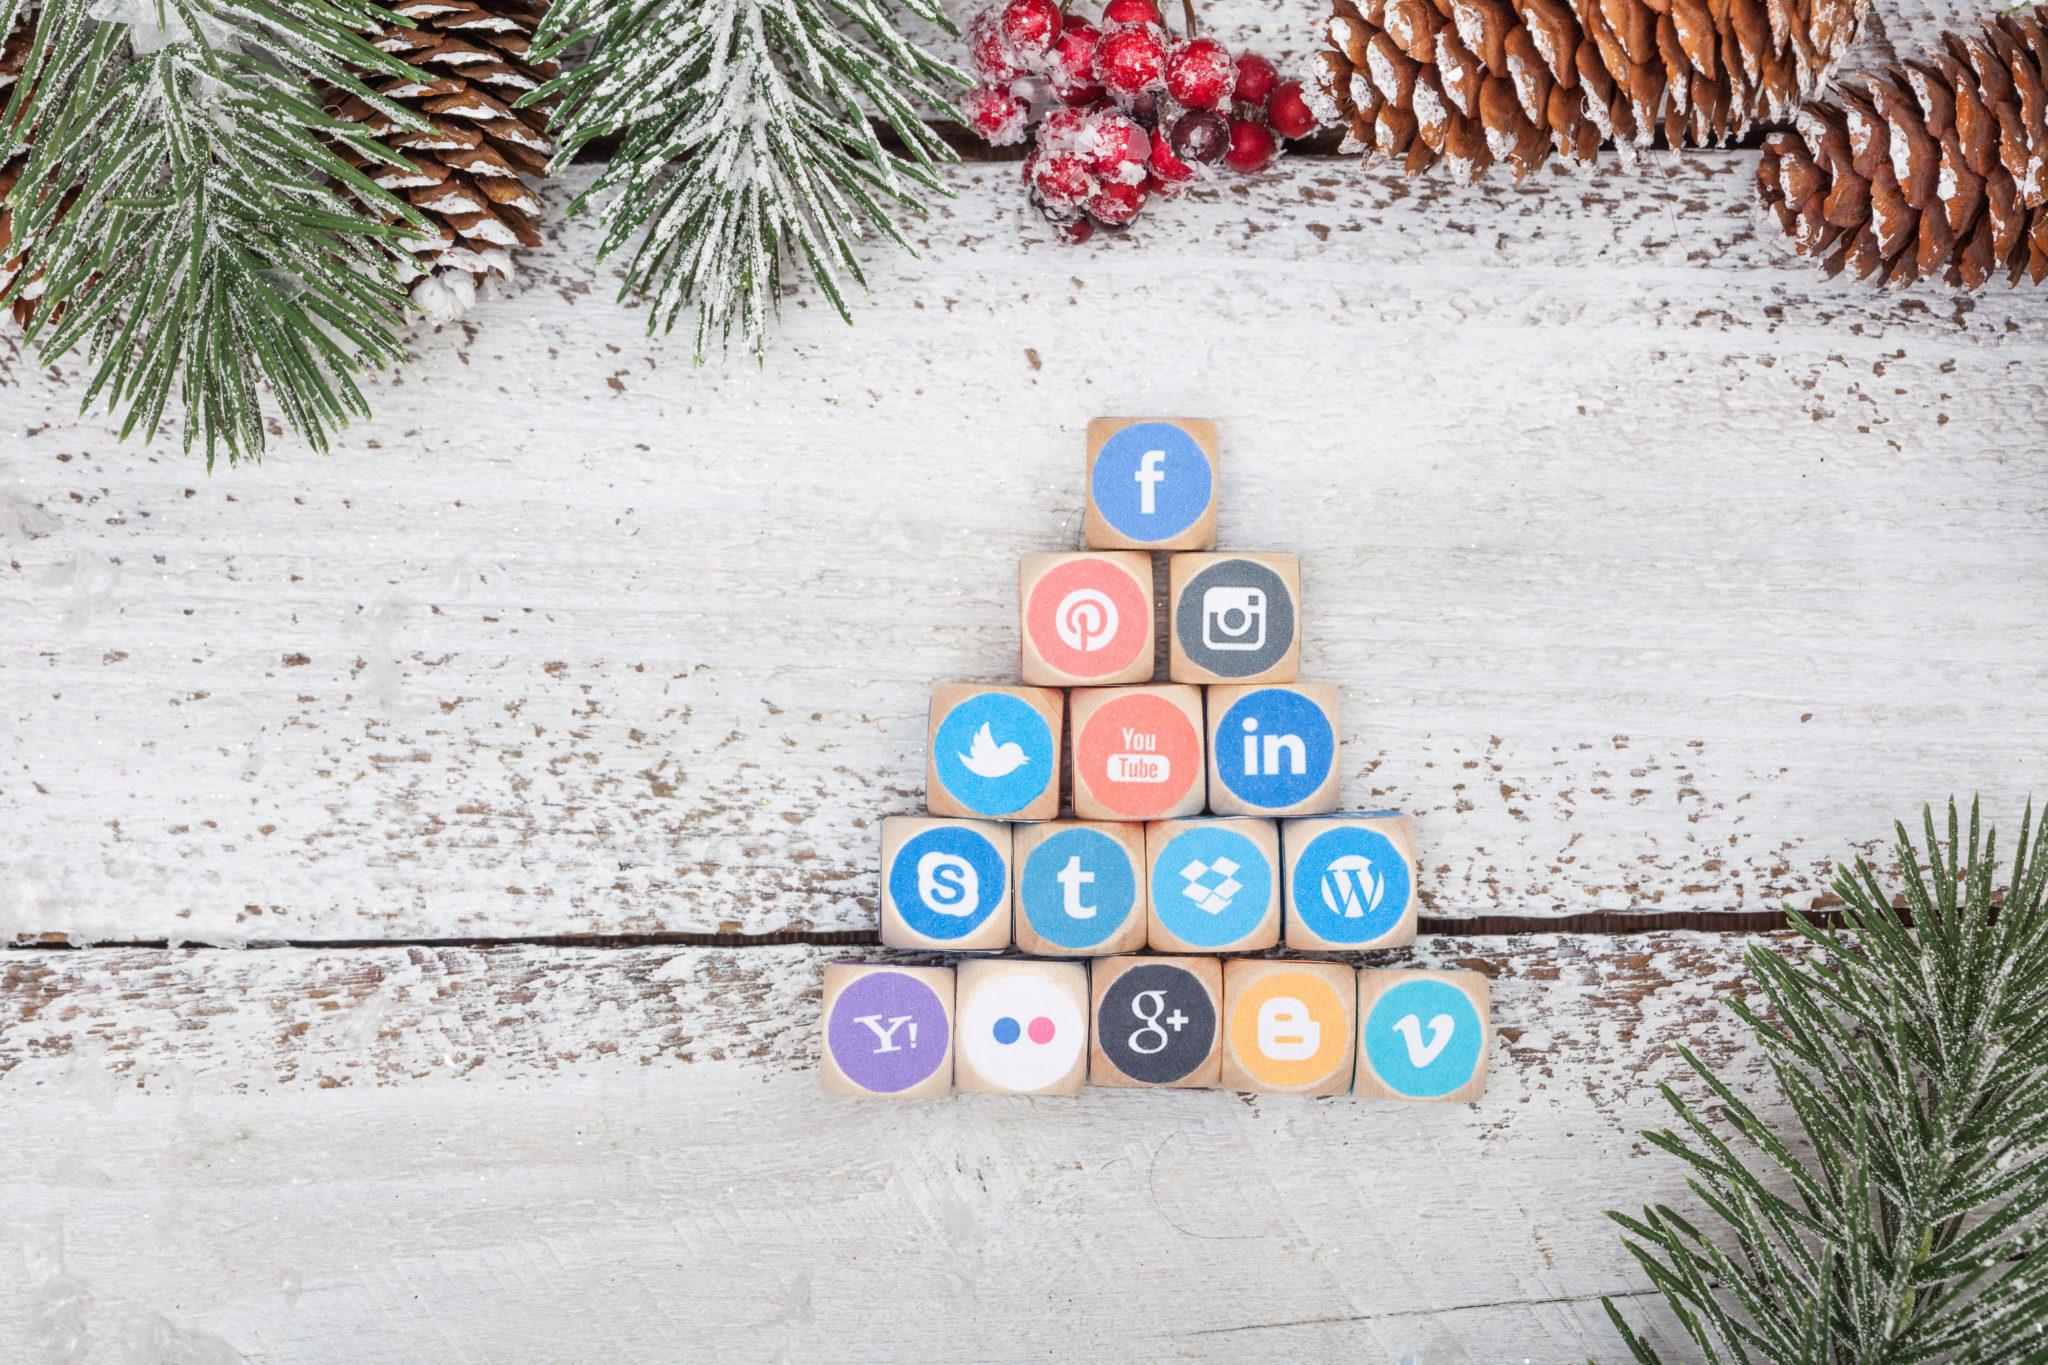 Bild-Social-Media-Strategie-Weihnachten